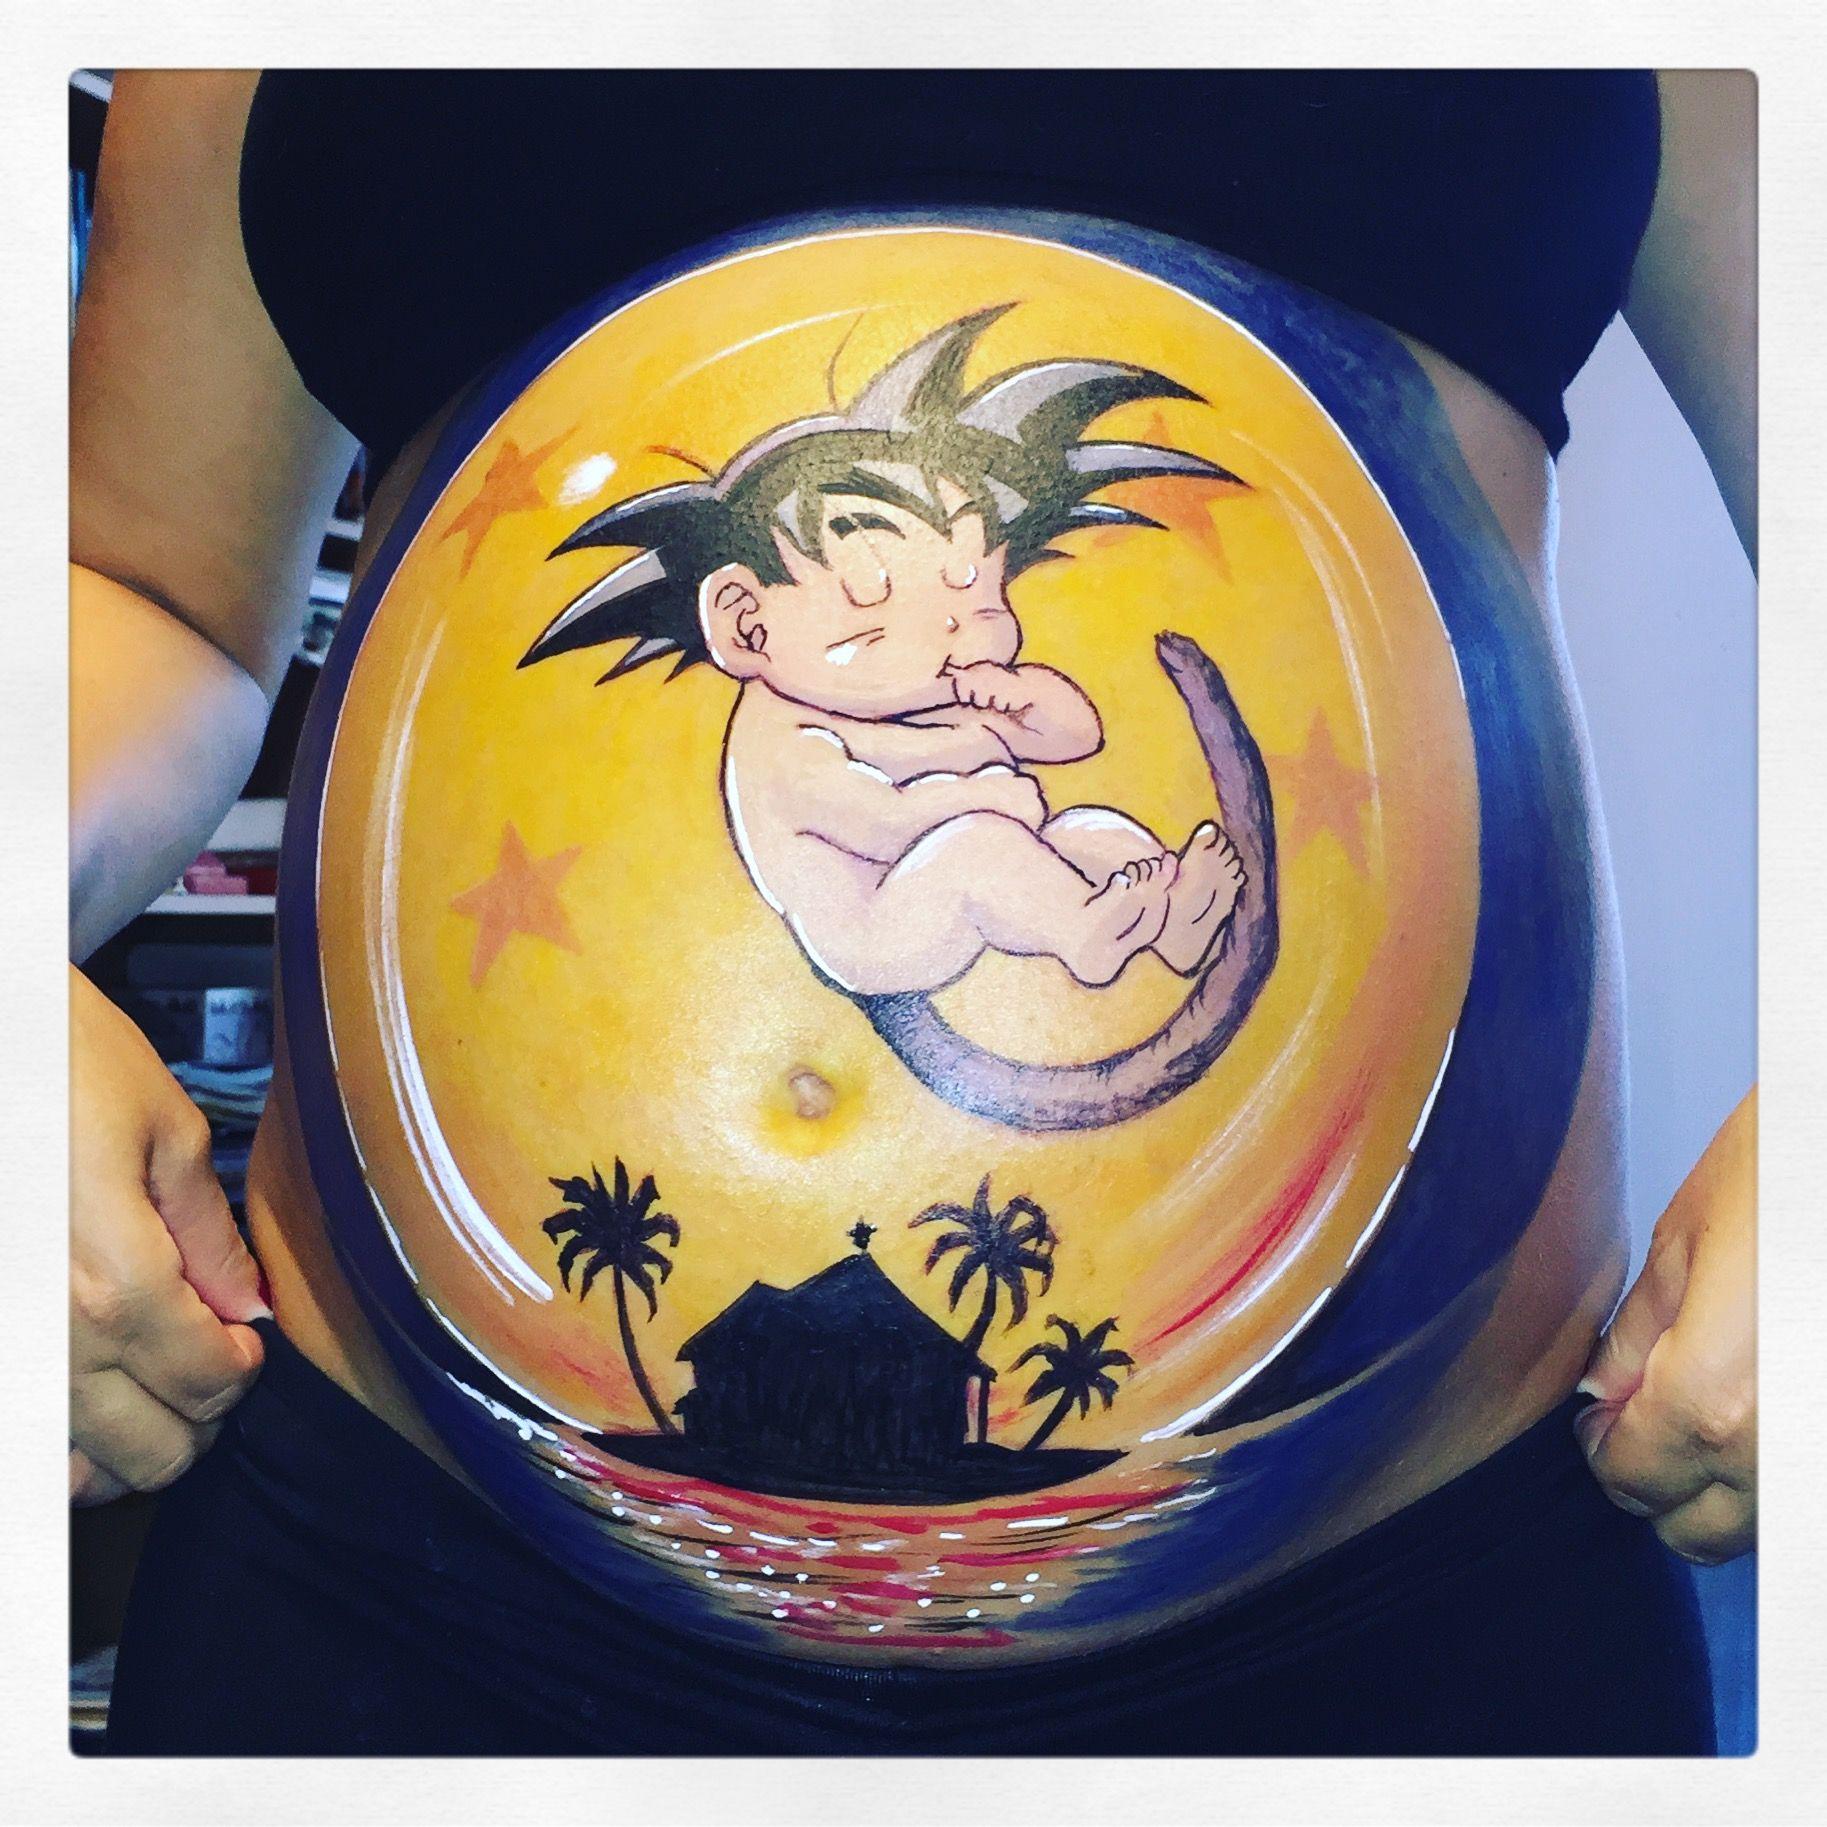 Ziemlich Goku Super Saiyan 1 Malvorlagen Galerie - Malvorlagen Von ...